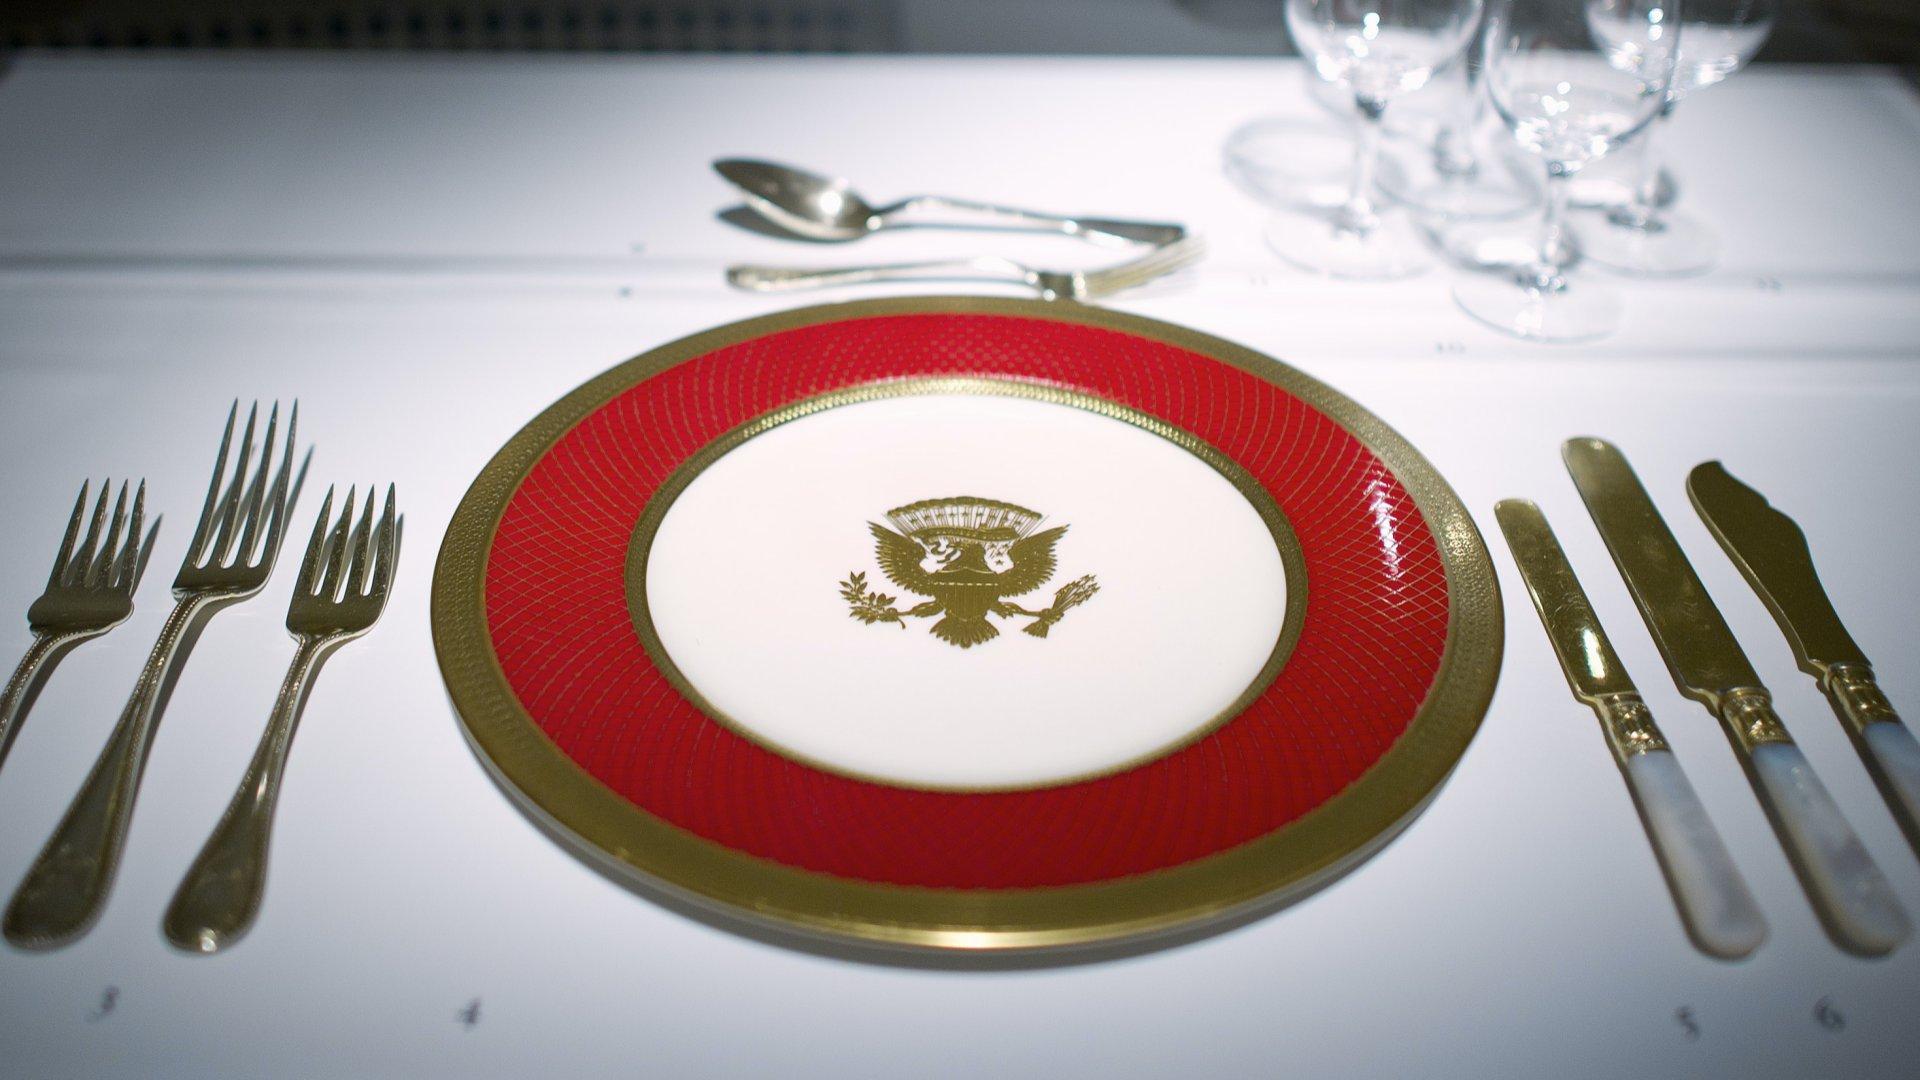 Elnöki étkészlet Ronald Reagen hivatali idejében